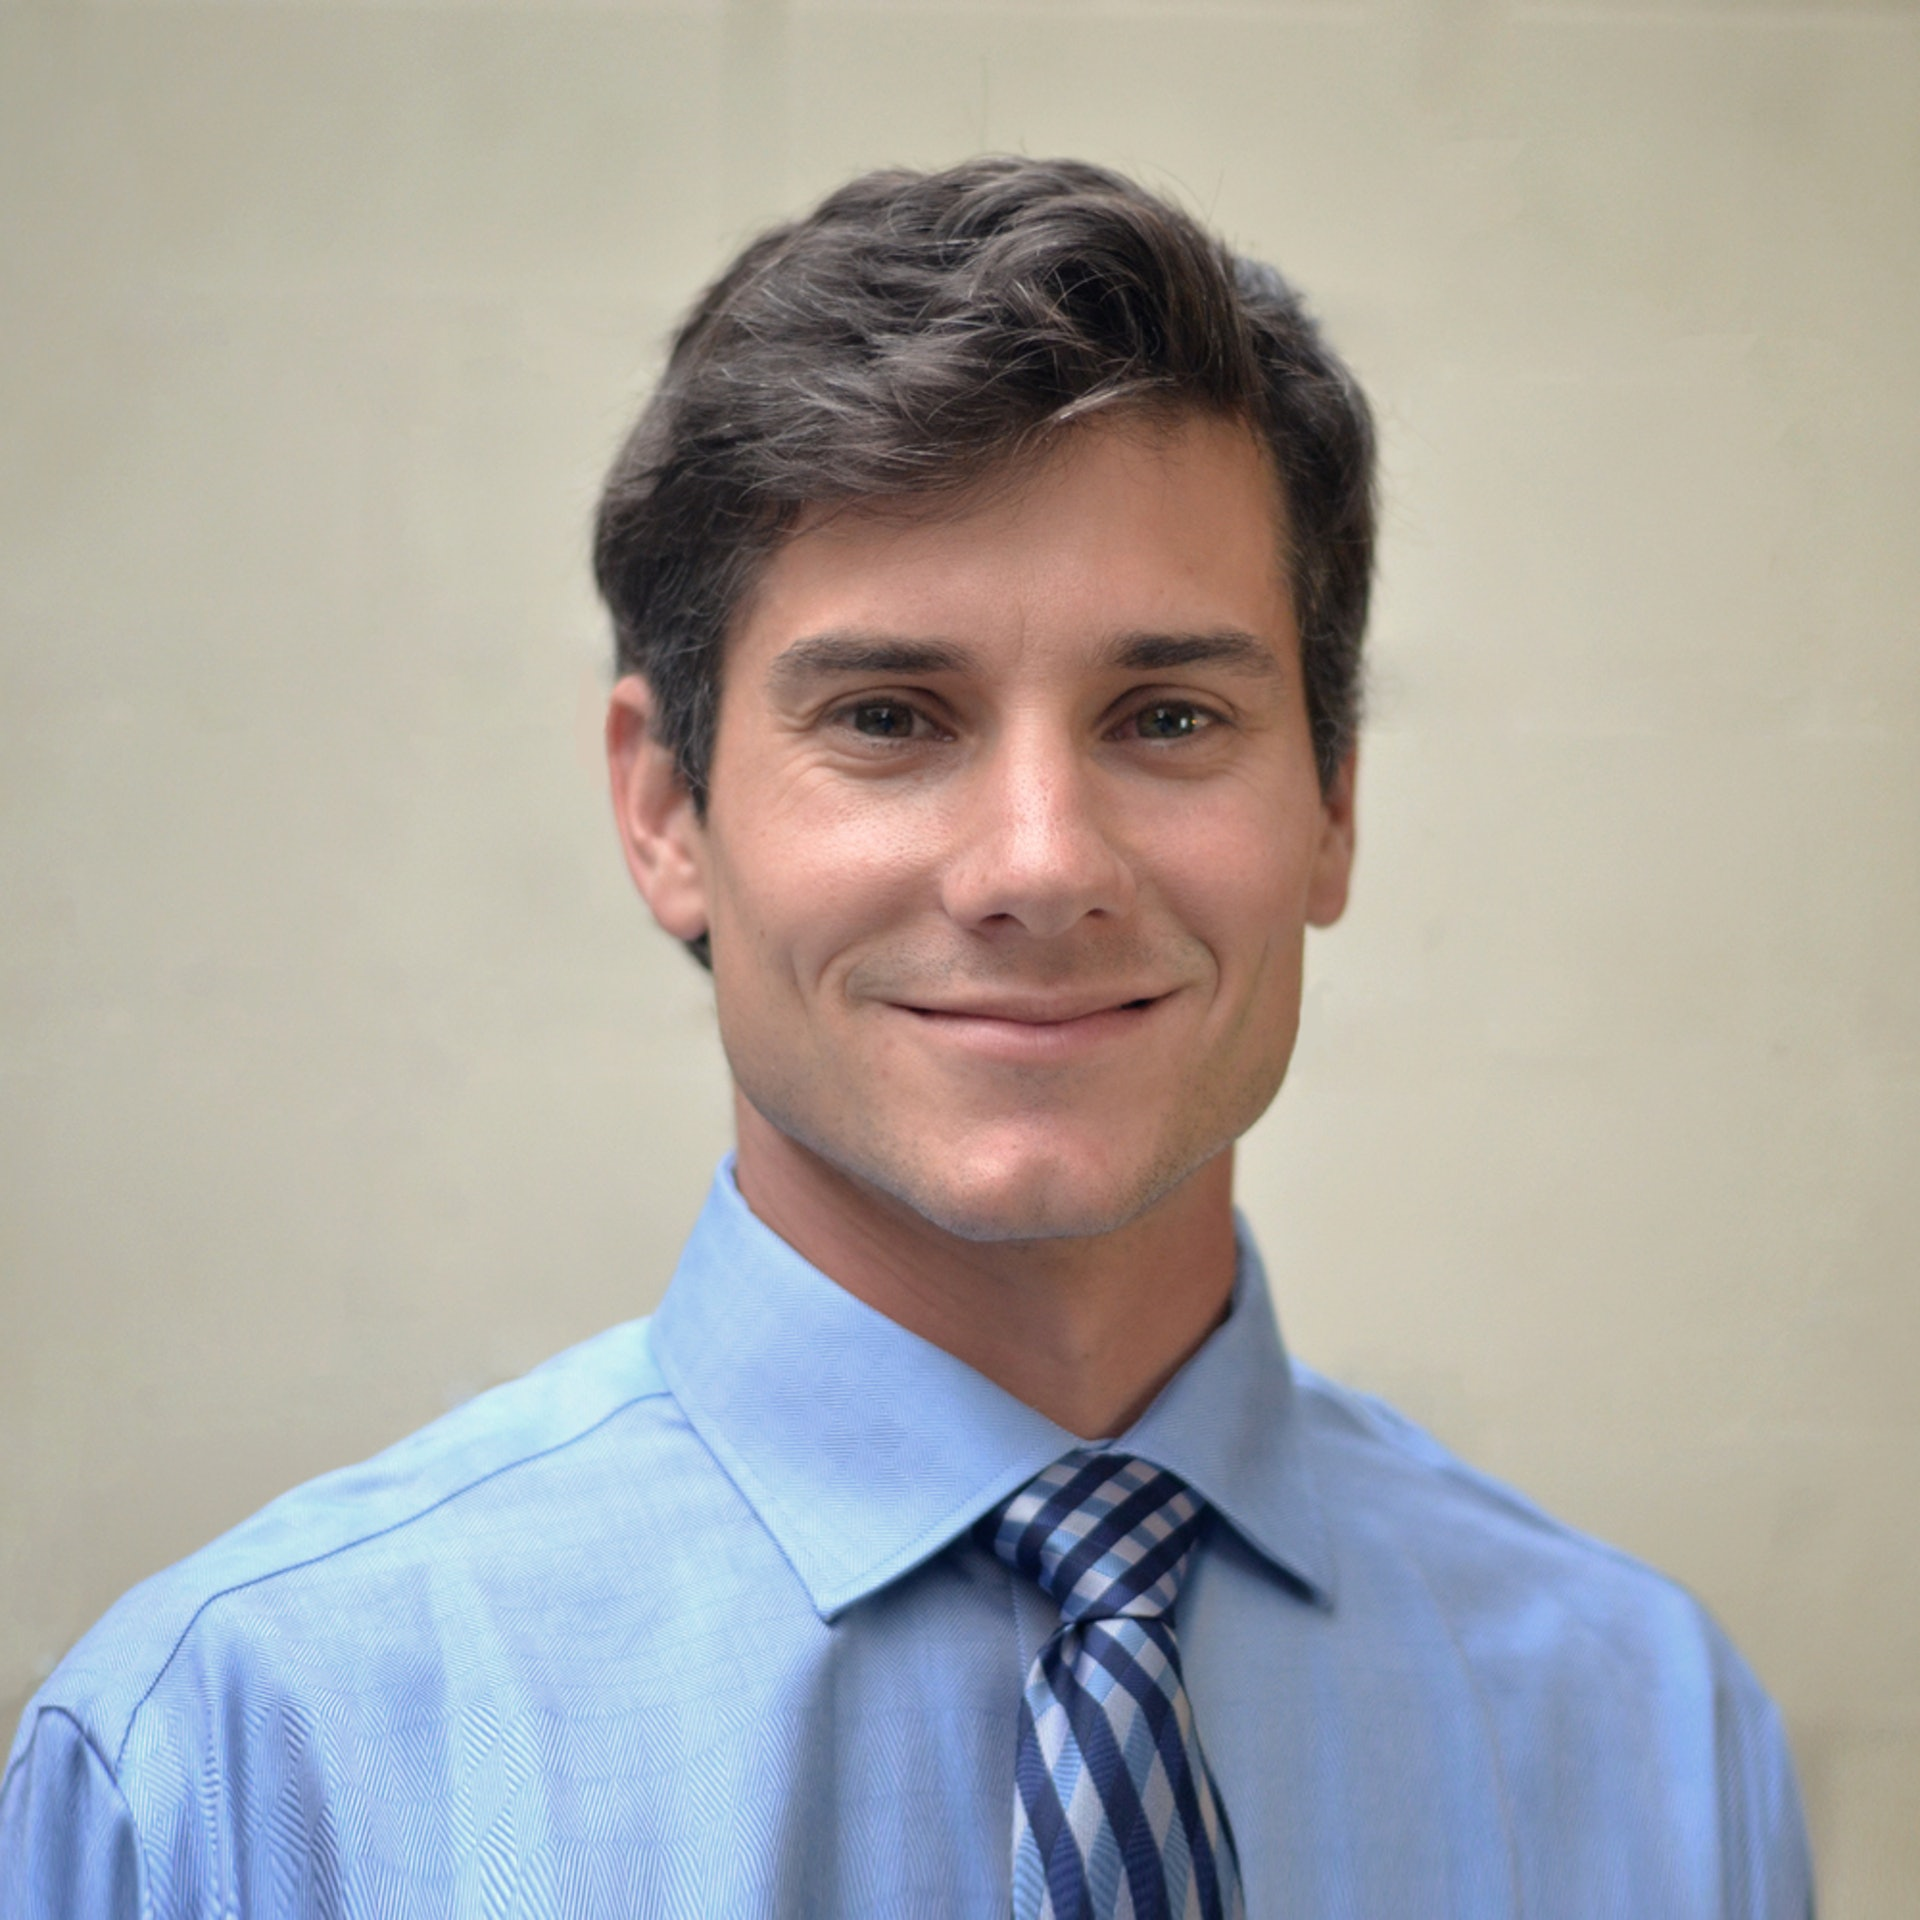 加利福尼亞州斯坦福市的兒科麻醉師 Sam Rodriguez 博士(samrodriguezmd.com)